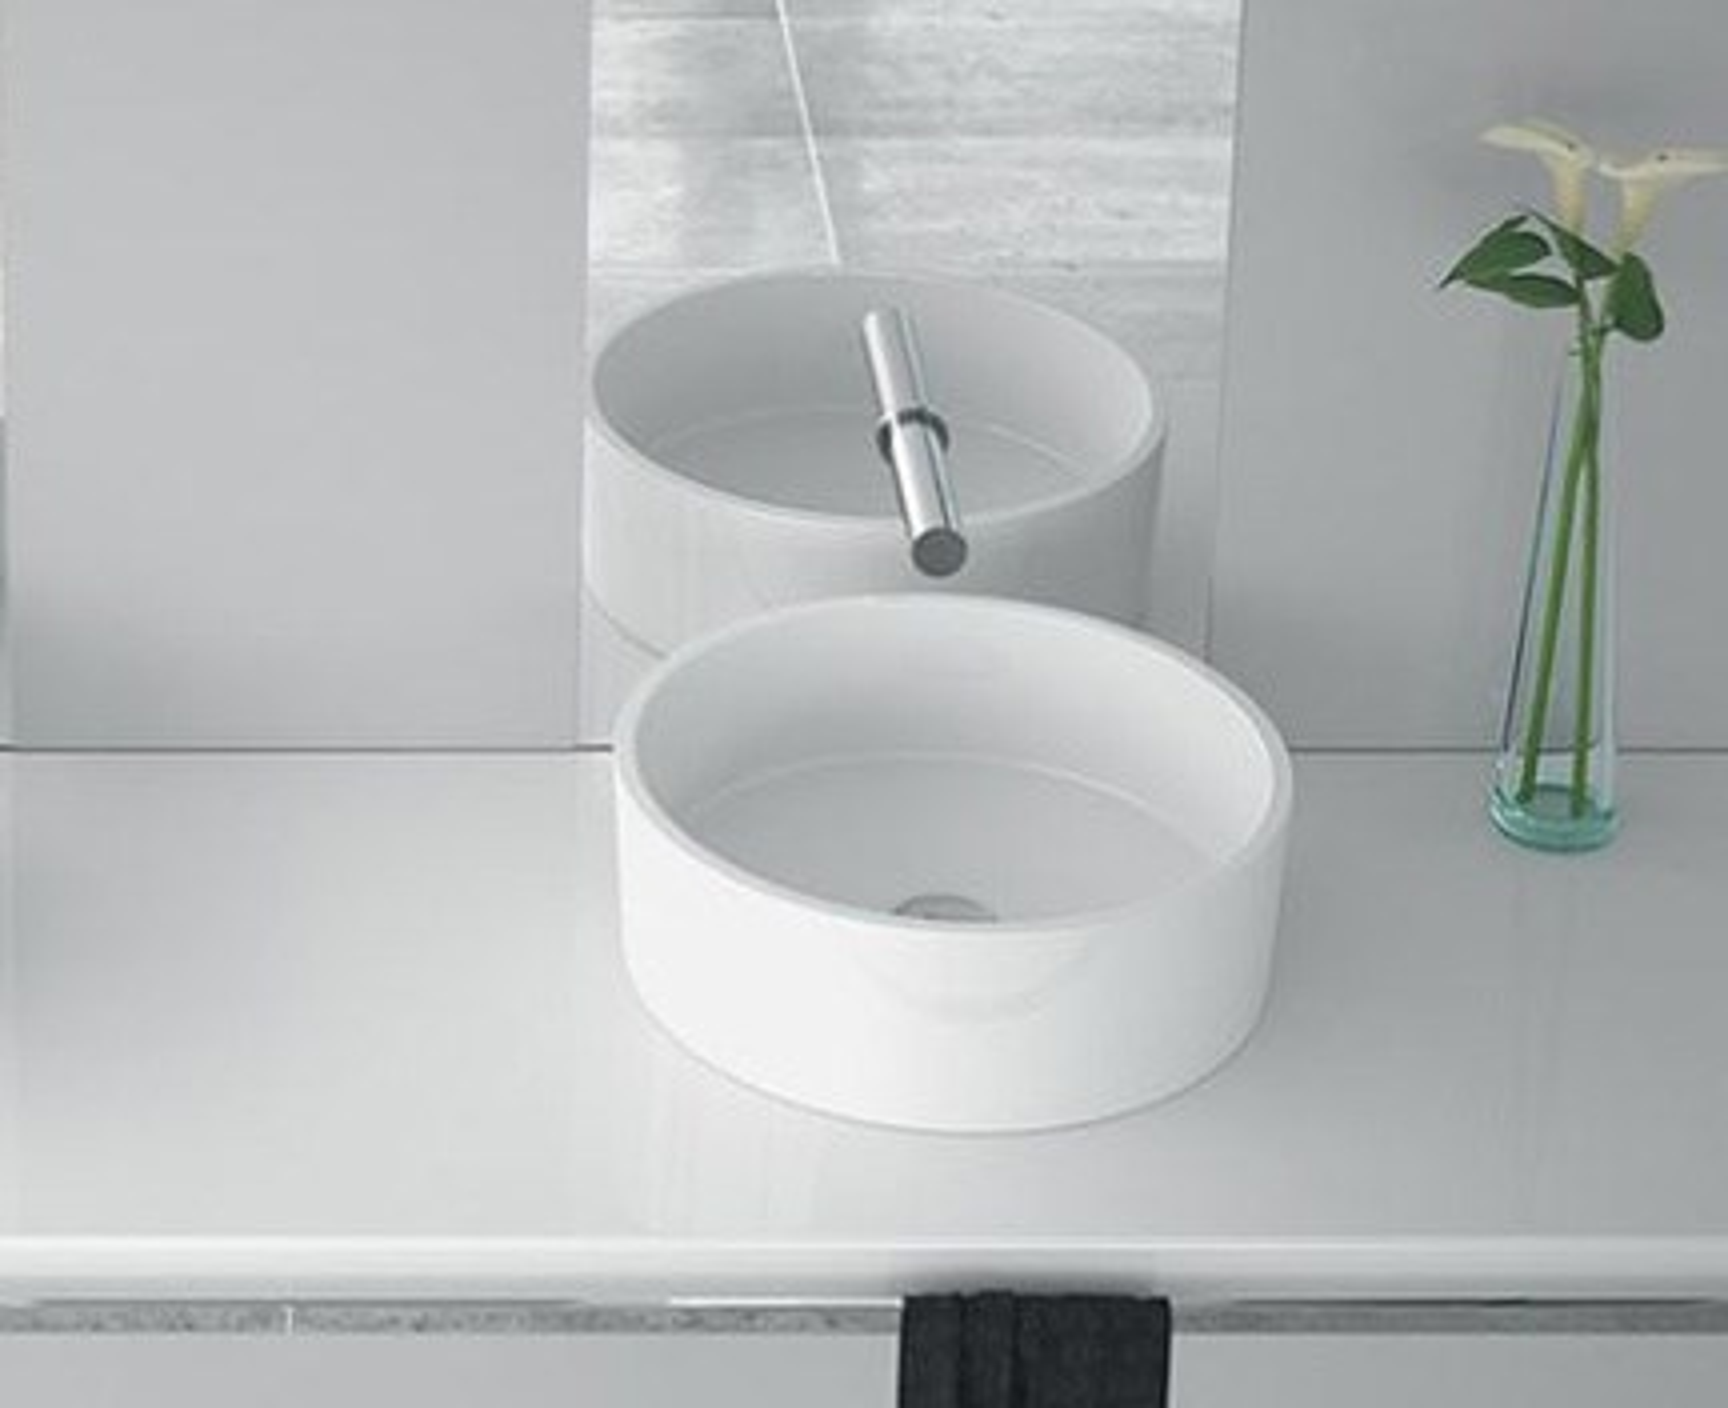 Waschbecken rund  Waschbecken RUND 40 400 x 400 x 150   Waschbecken   Weiß ...